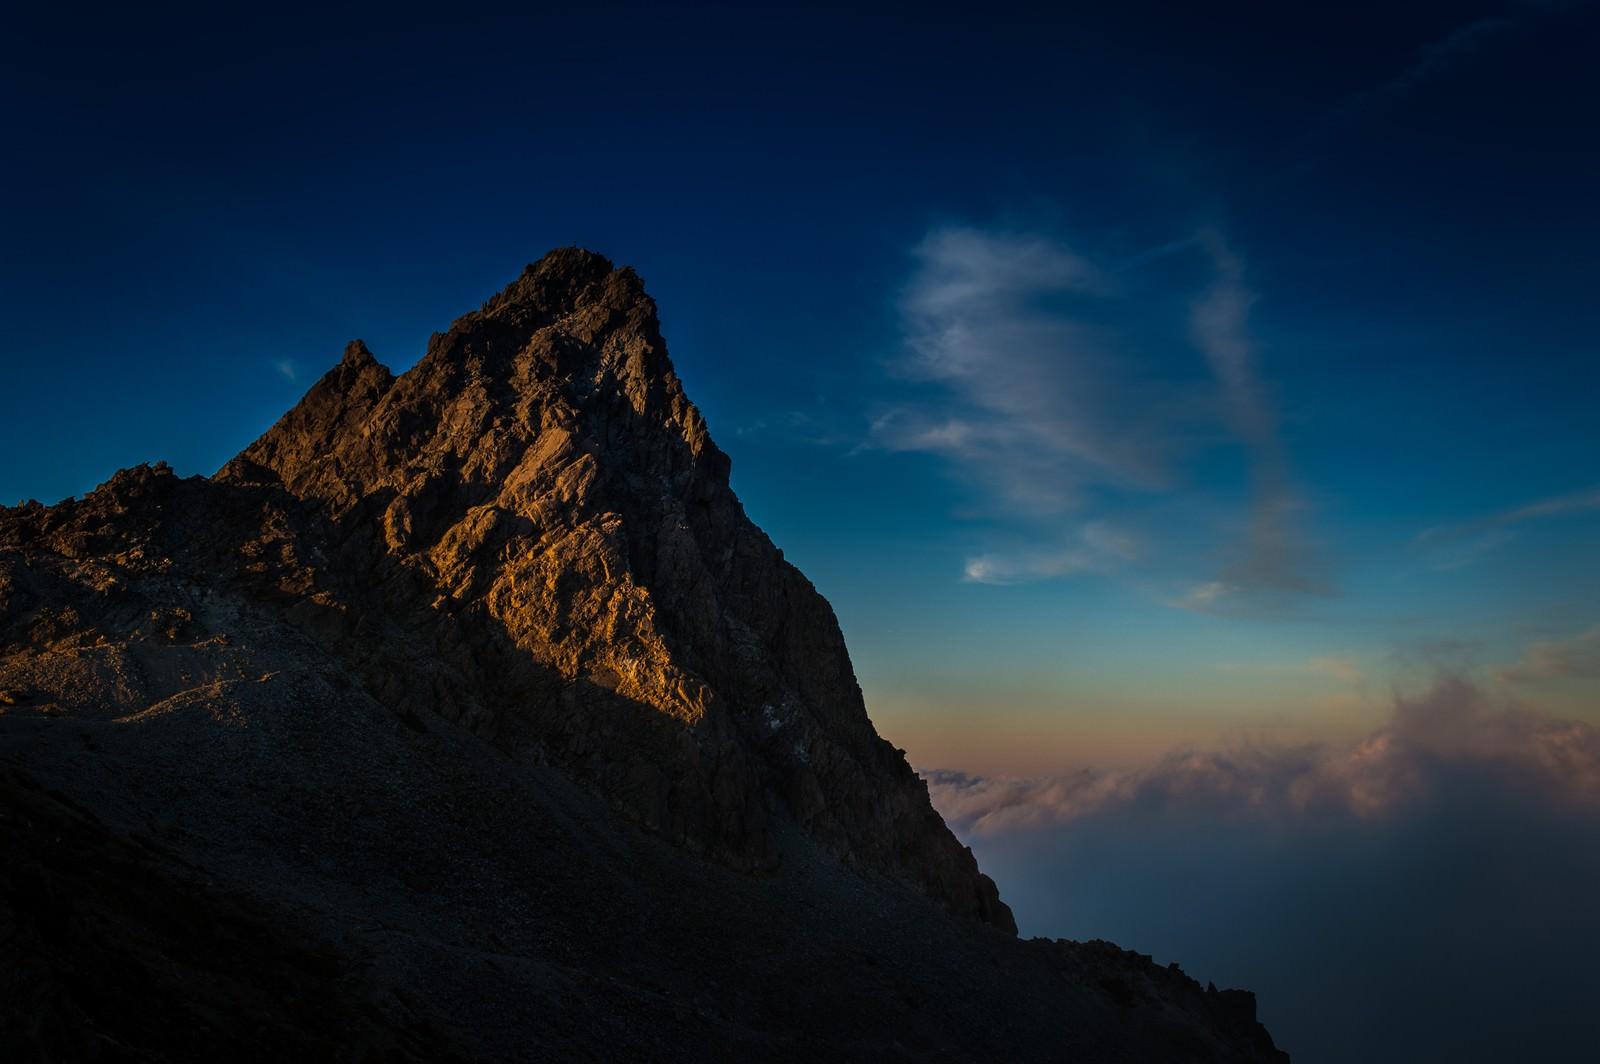 「夕暮れの光を浴びた雄々しく美しい槍ヶ岳」の写真